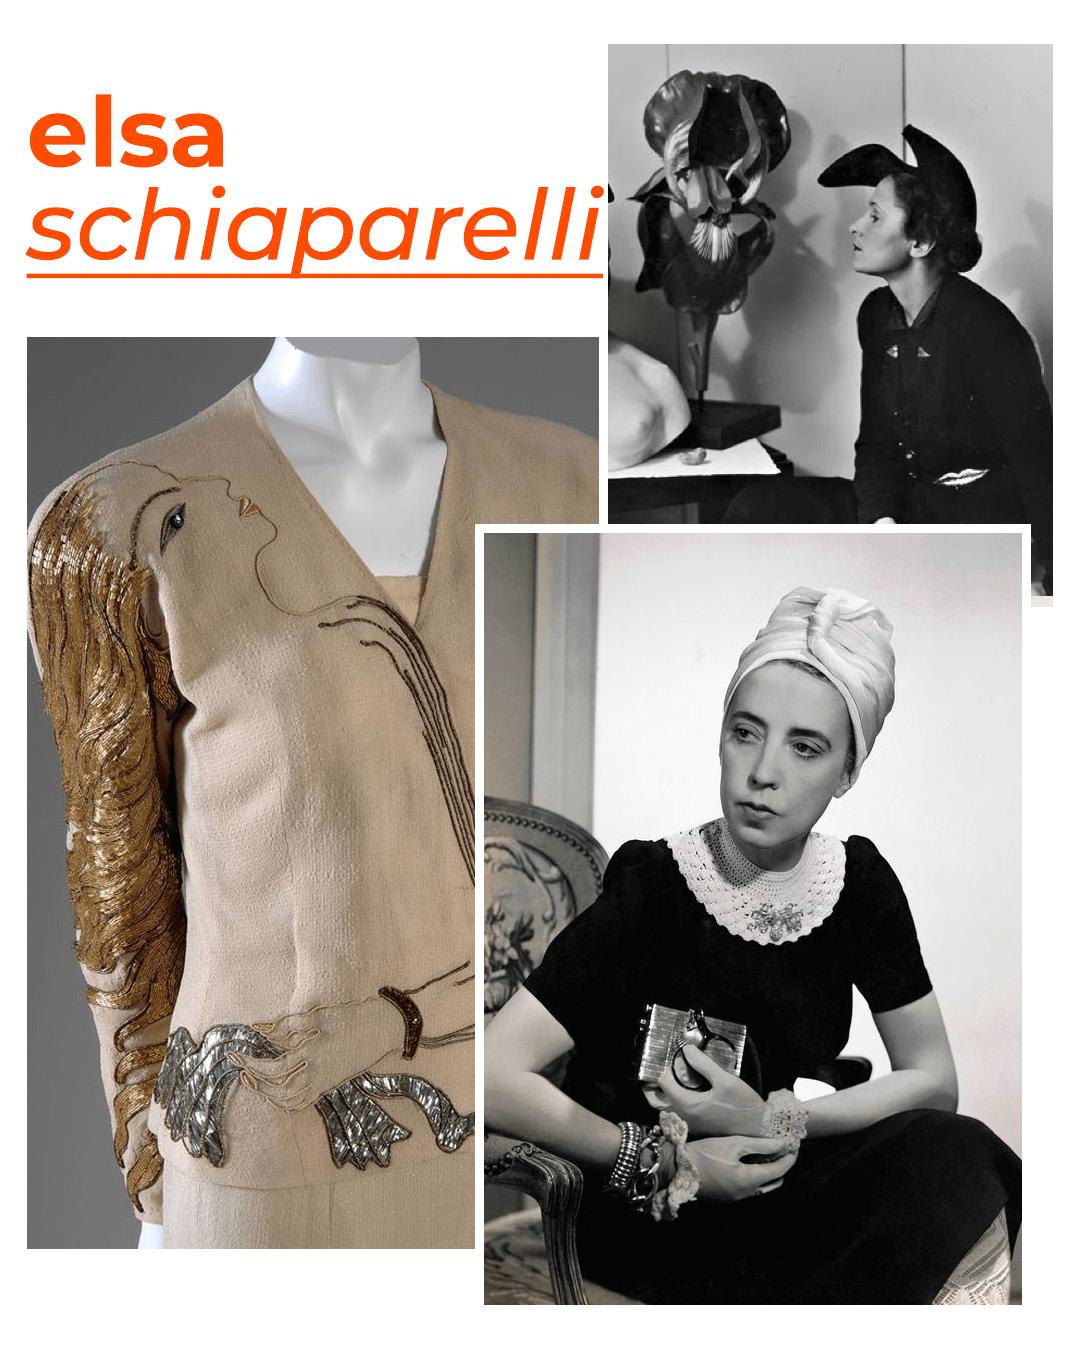 Elsa Schiaparelli - mulheres que revolucionaram a moda - dia internacional da mulher - outono - street style - https://stealthelook.com.br